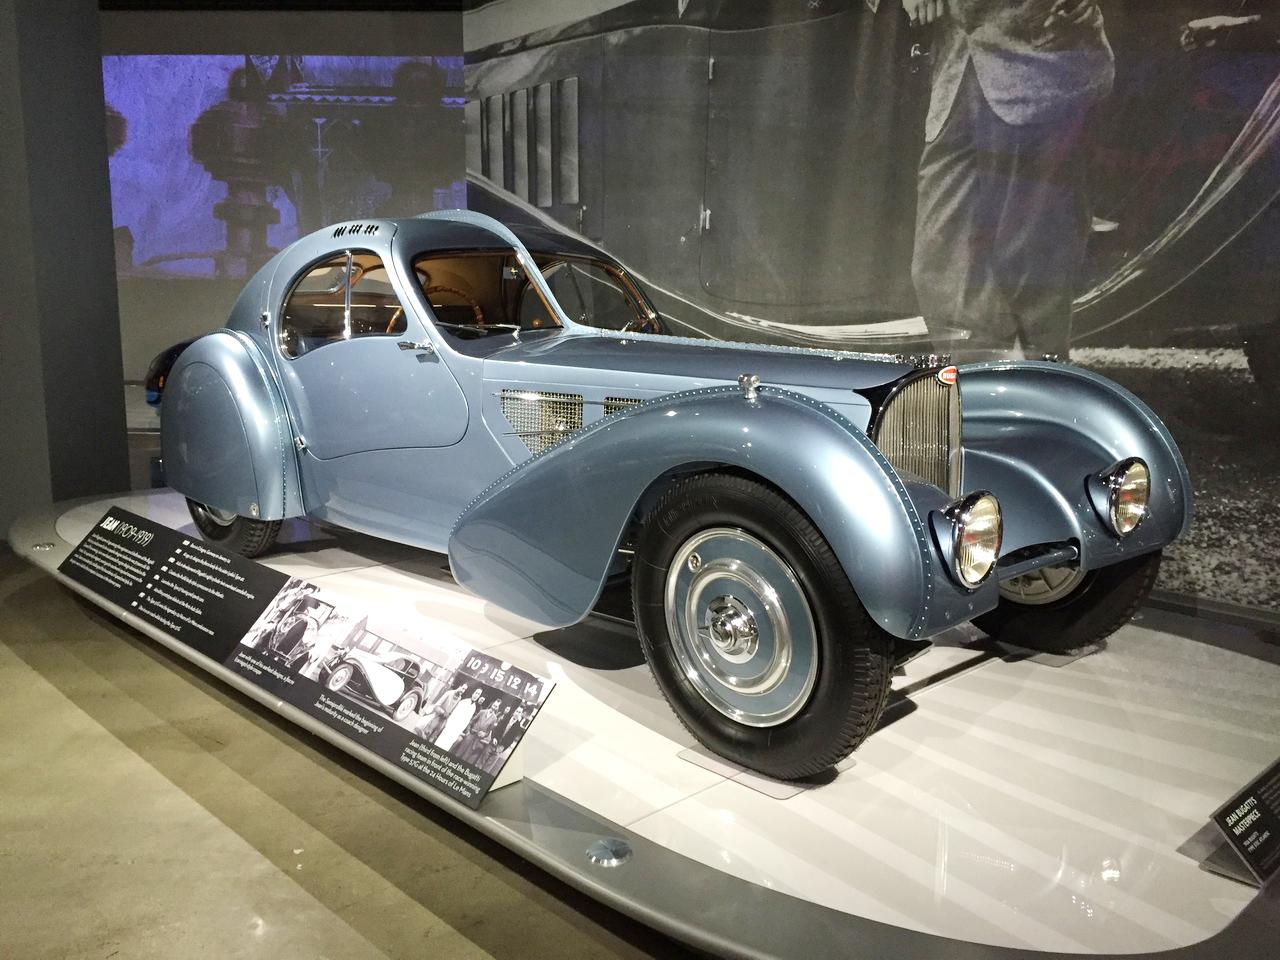 en images la visite du mus e petersen de los angeles bugatti type 57sc atlantic 1936 l 39 argus. Black Bedroom Furniture Sets. Home Design Ideas